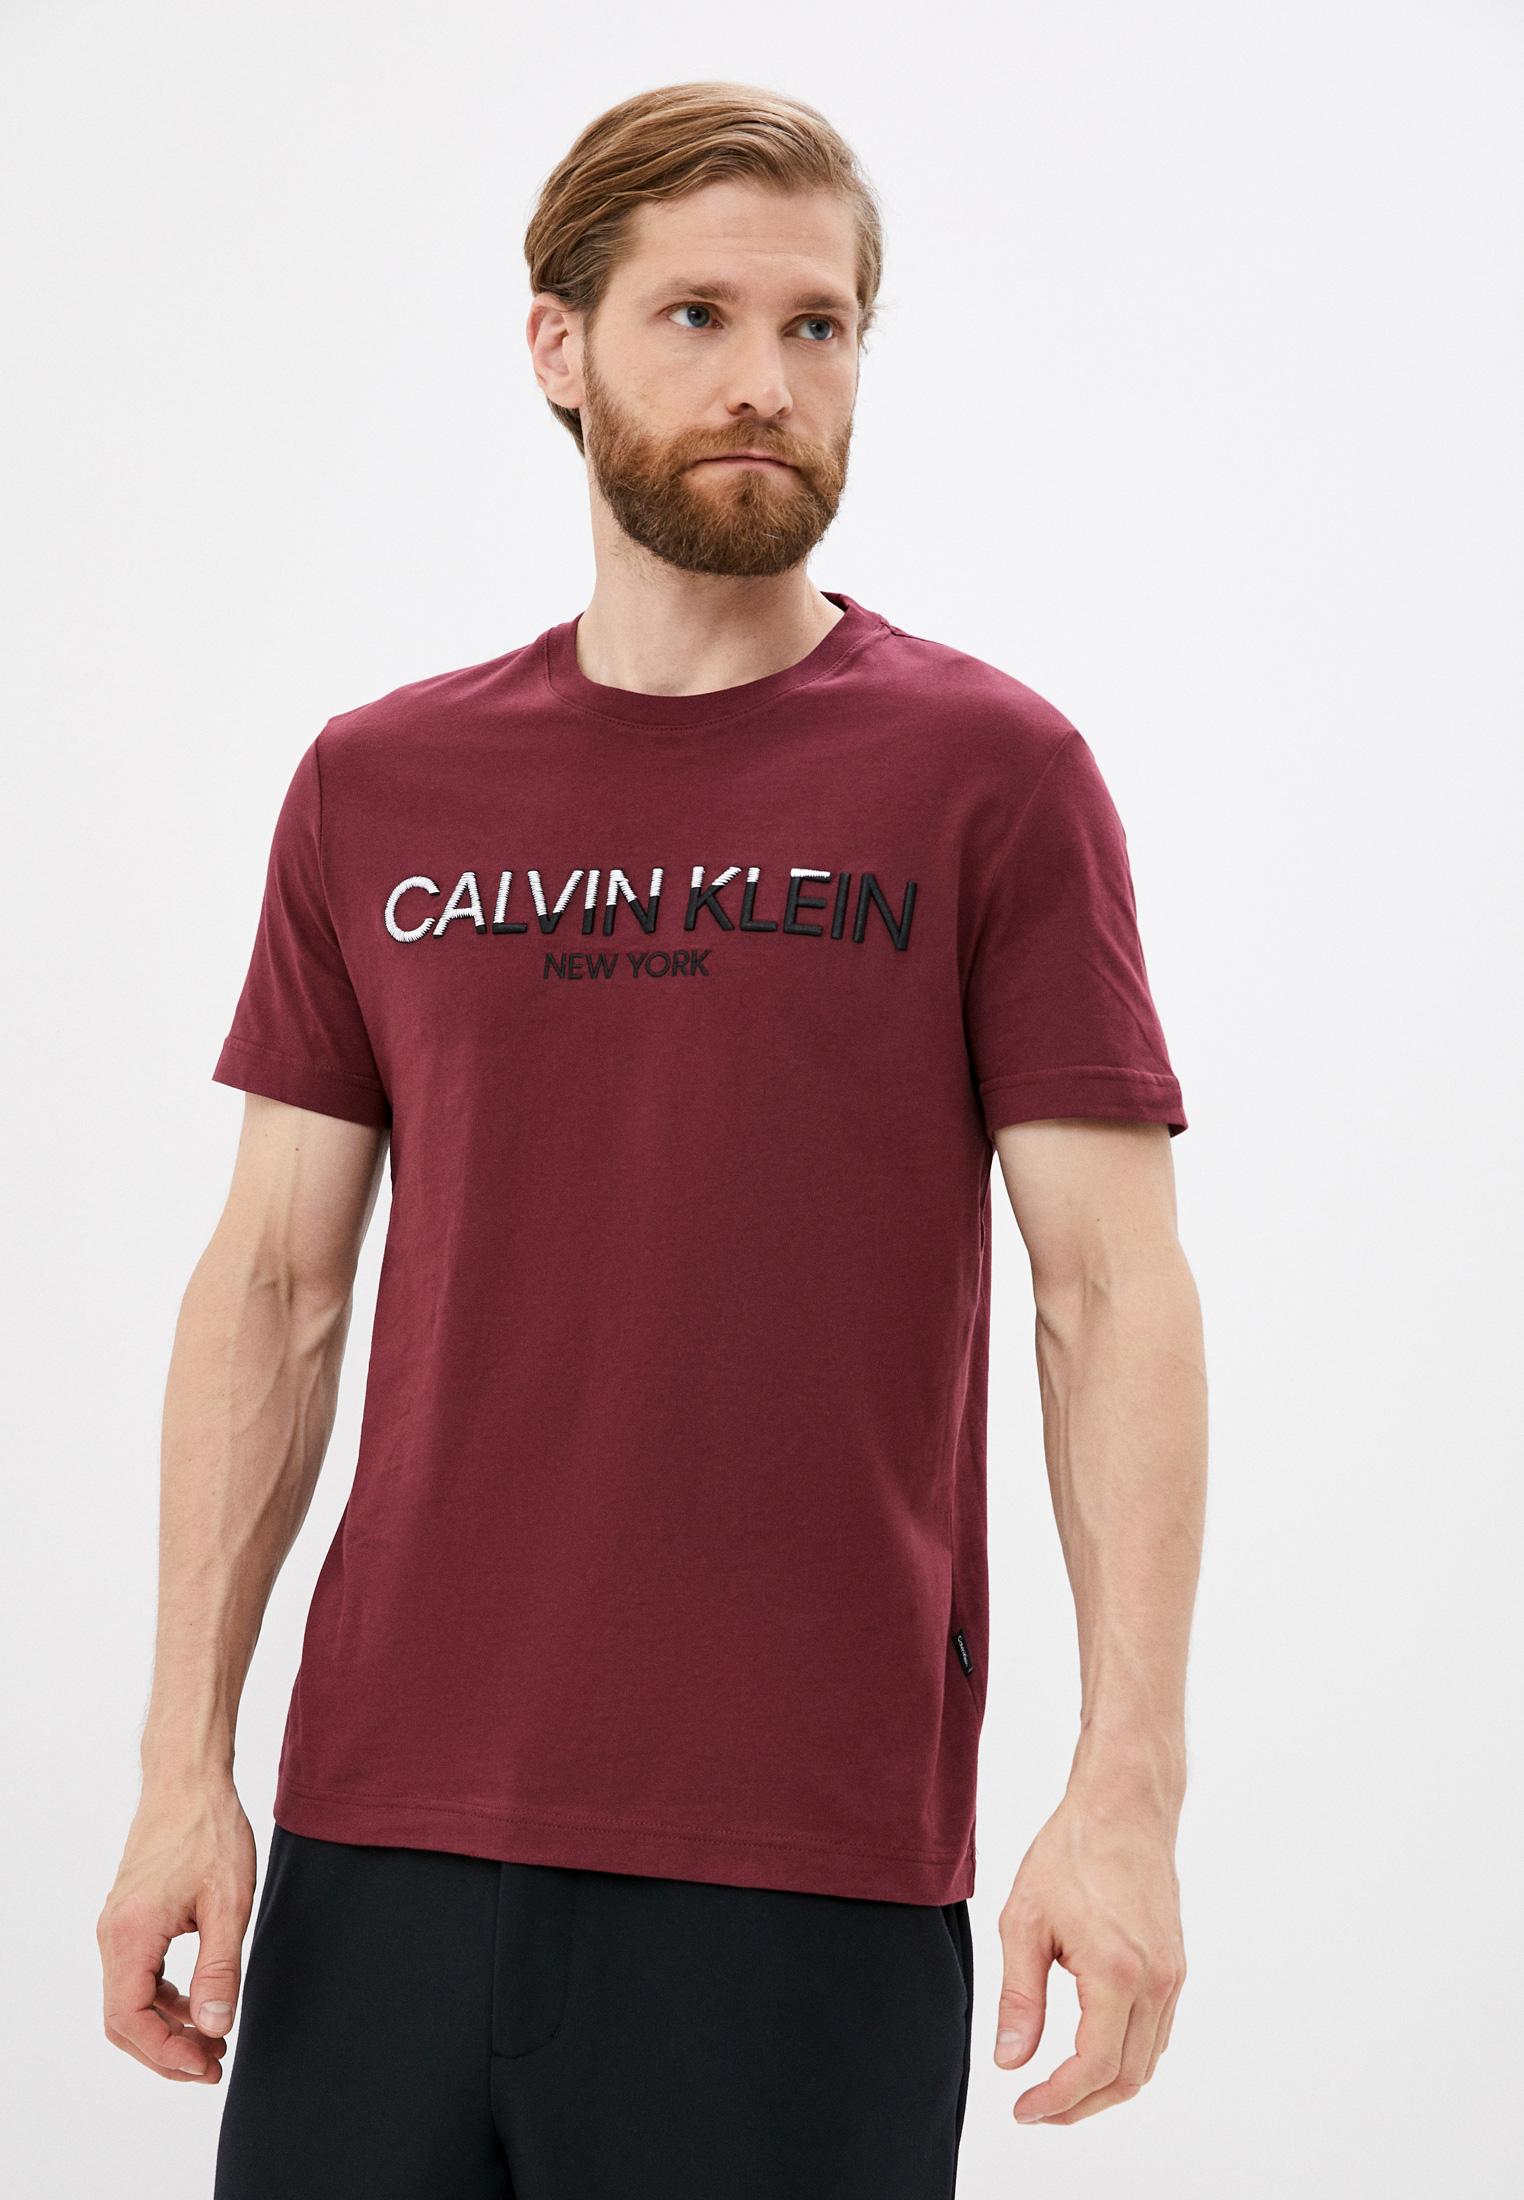 Футболка Calvin Klein (Кельвин Кляйн) Футболка Calvin Klein